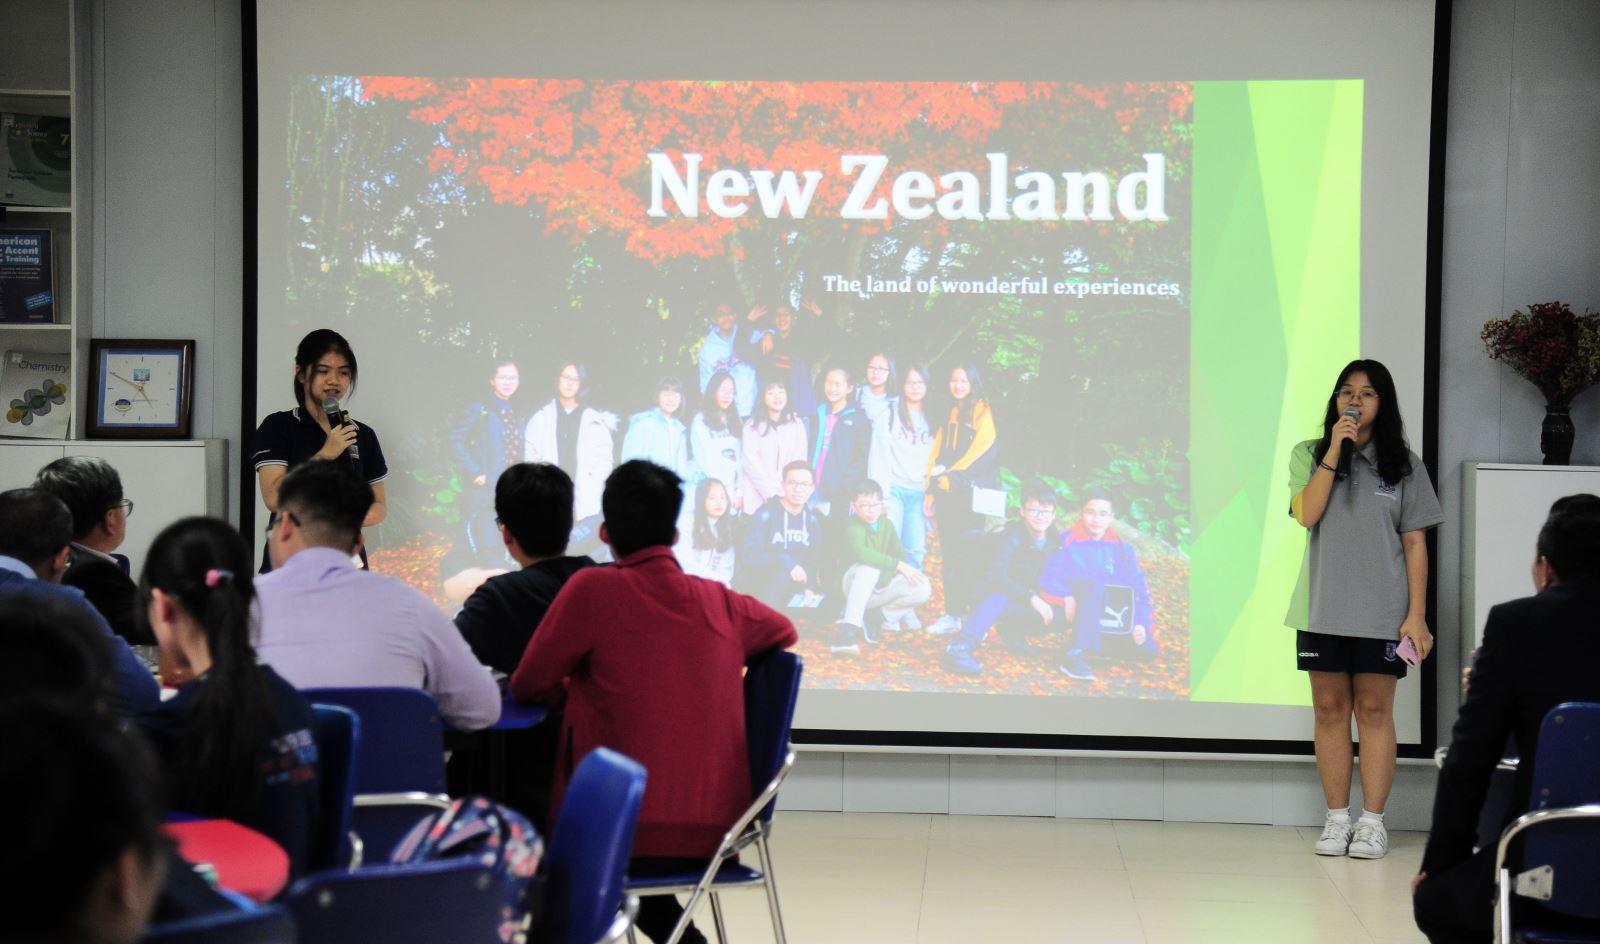 Mở link đăng ký du học trải nghiệm 10 tuần tại New Zealand